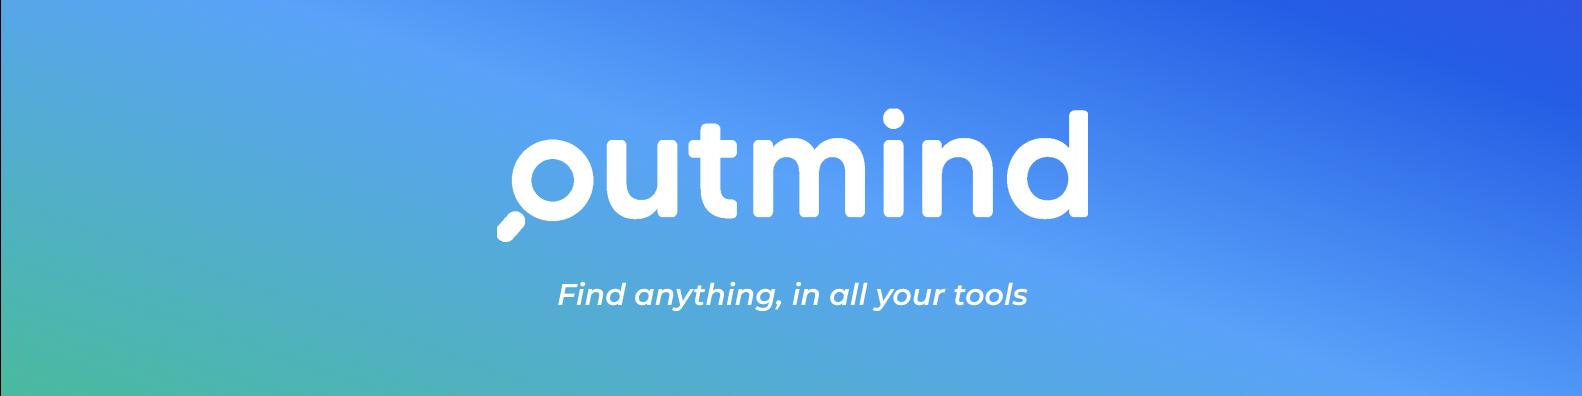 Avis Outmind : Moteur de recherche intelligent connecté aux outils internes - appvizer